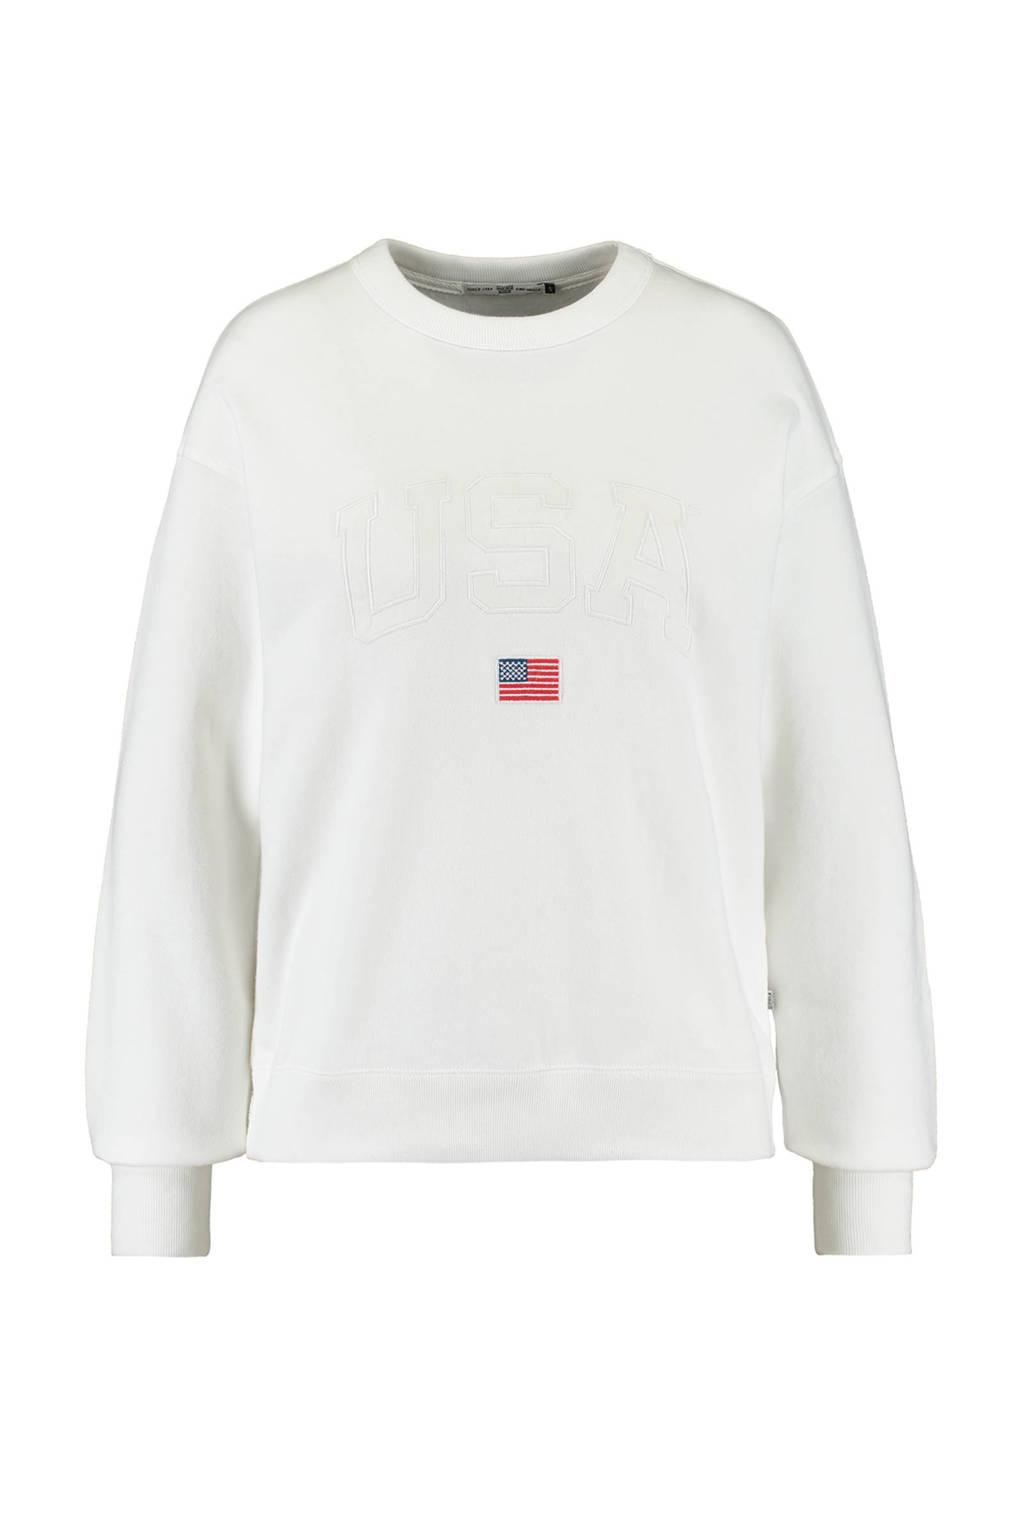 America Today trui met logo cream, Cream